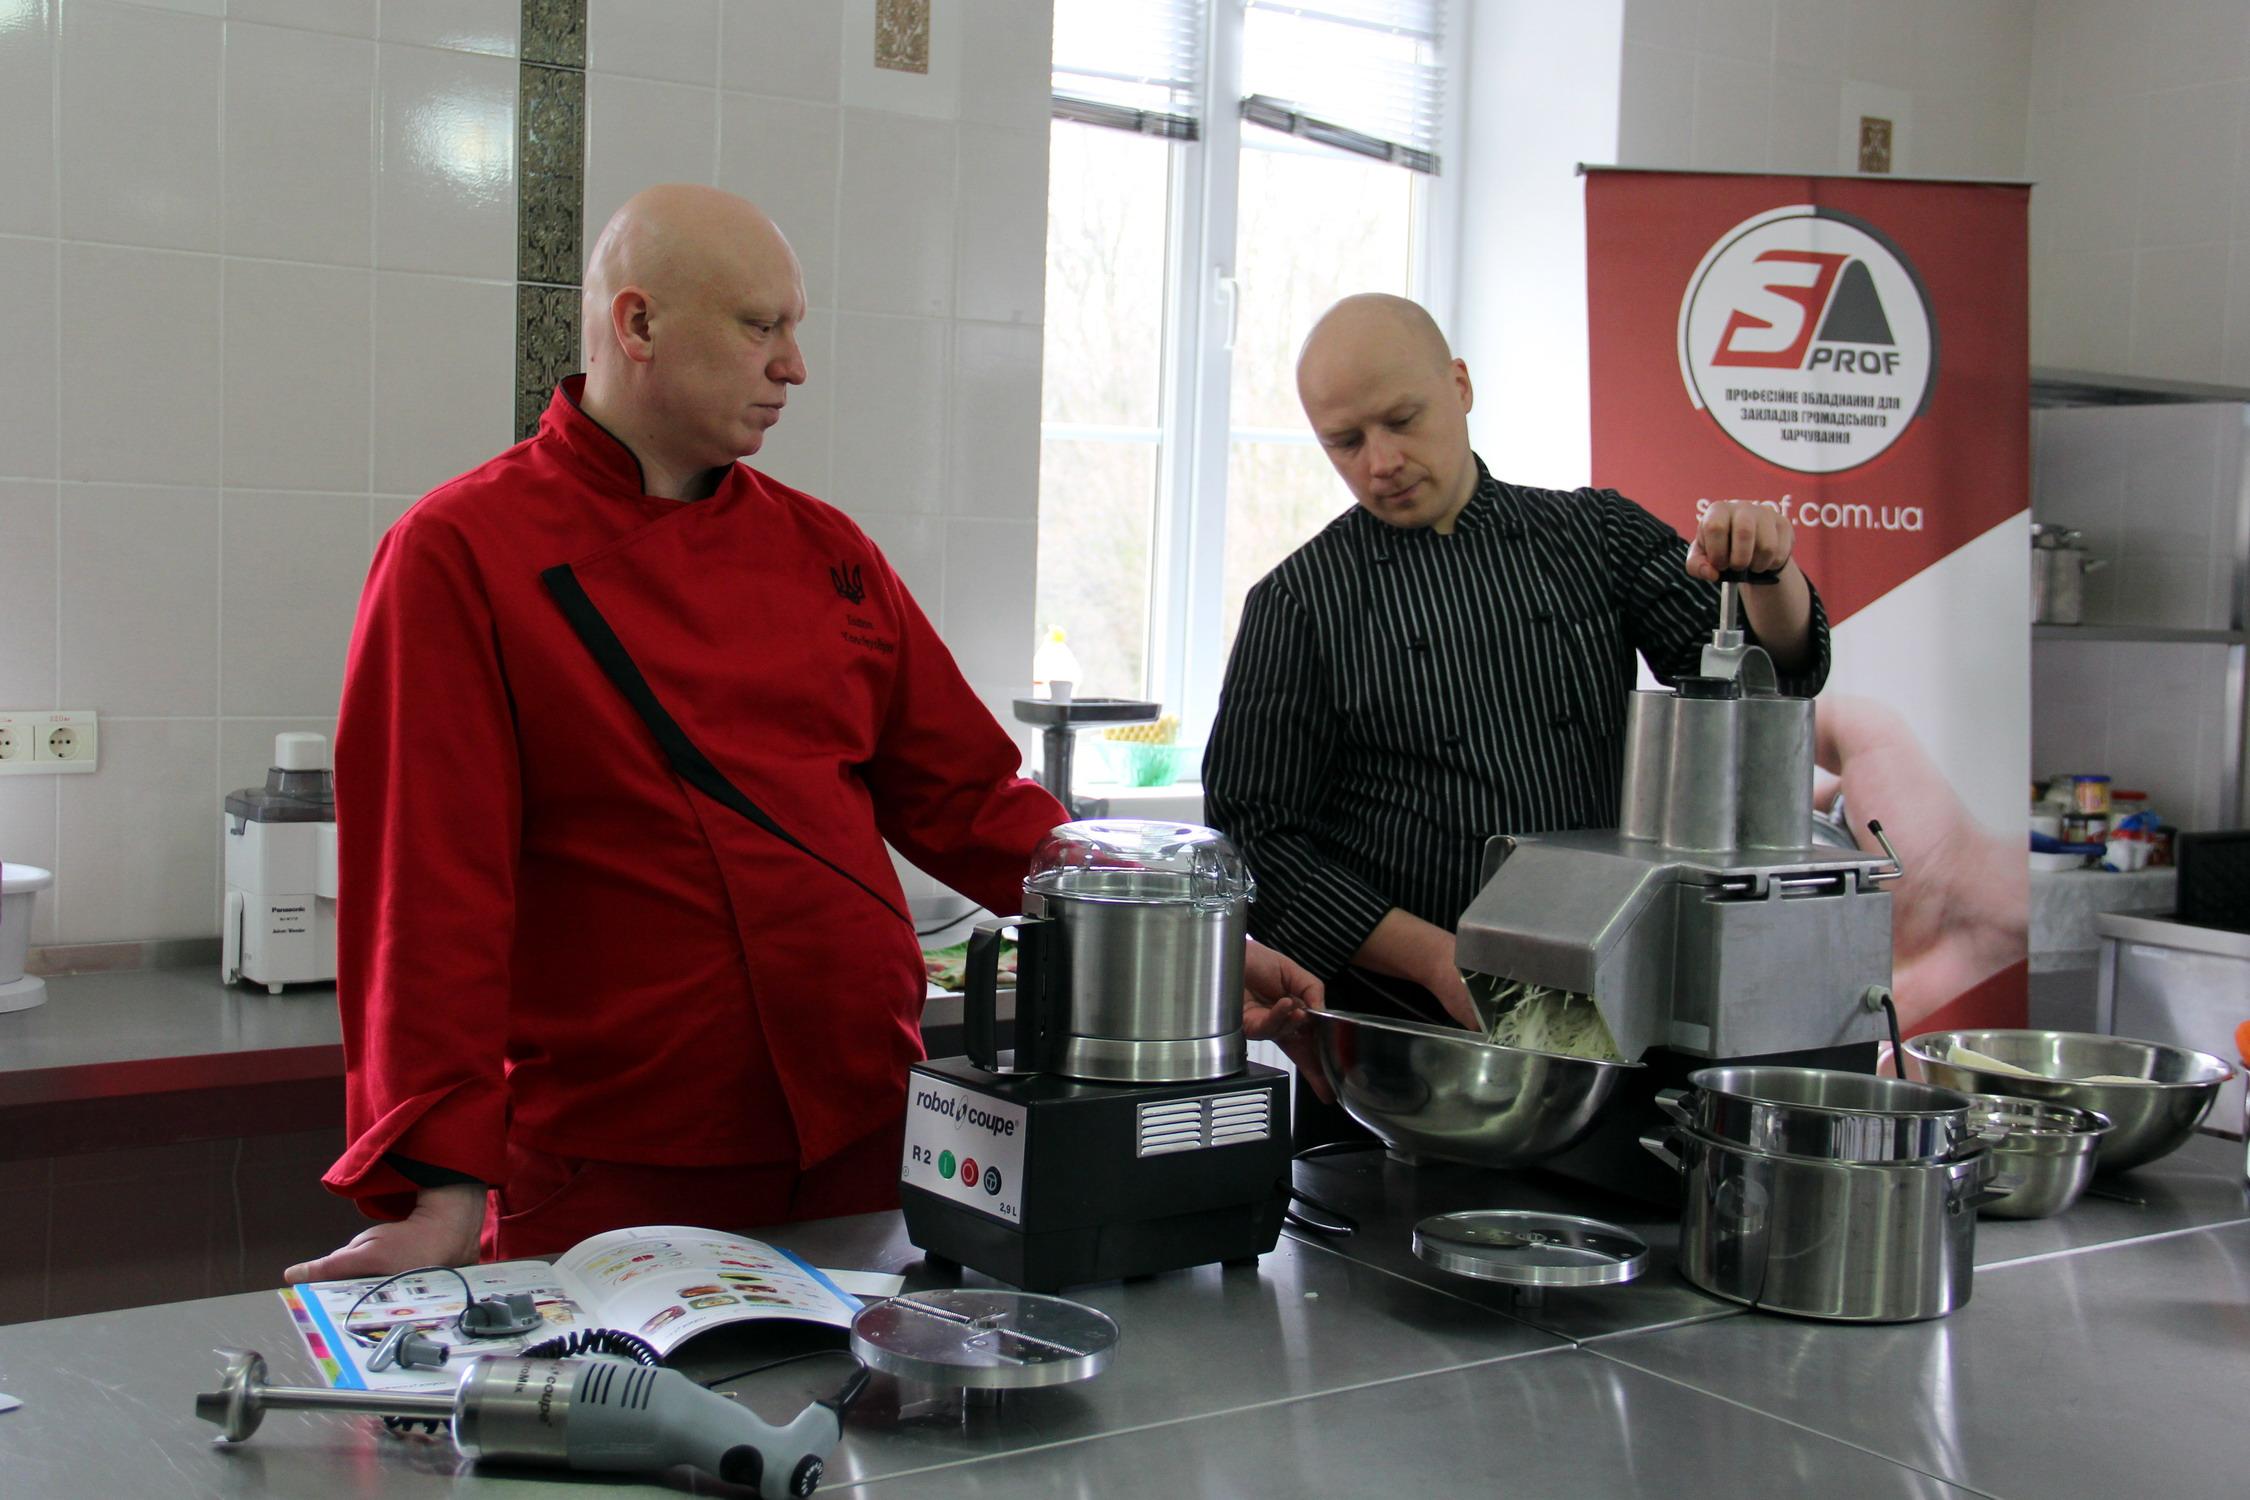 Презентація професійного обладнання для закладів ресторанного господарства